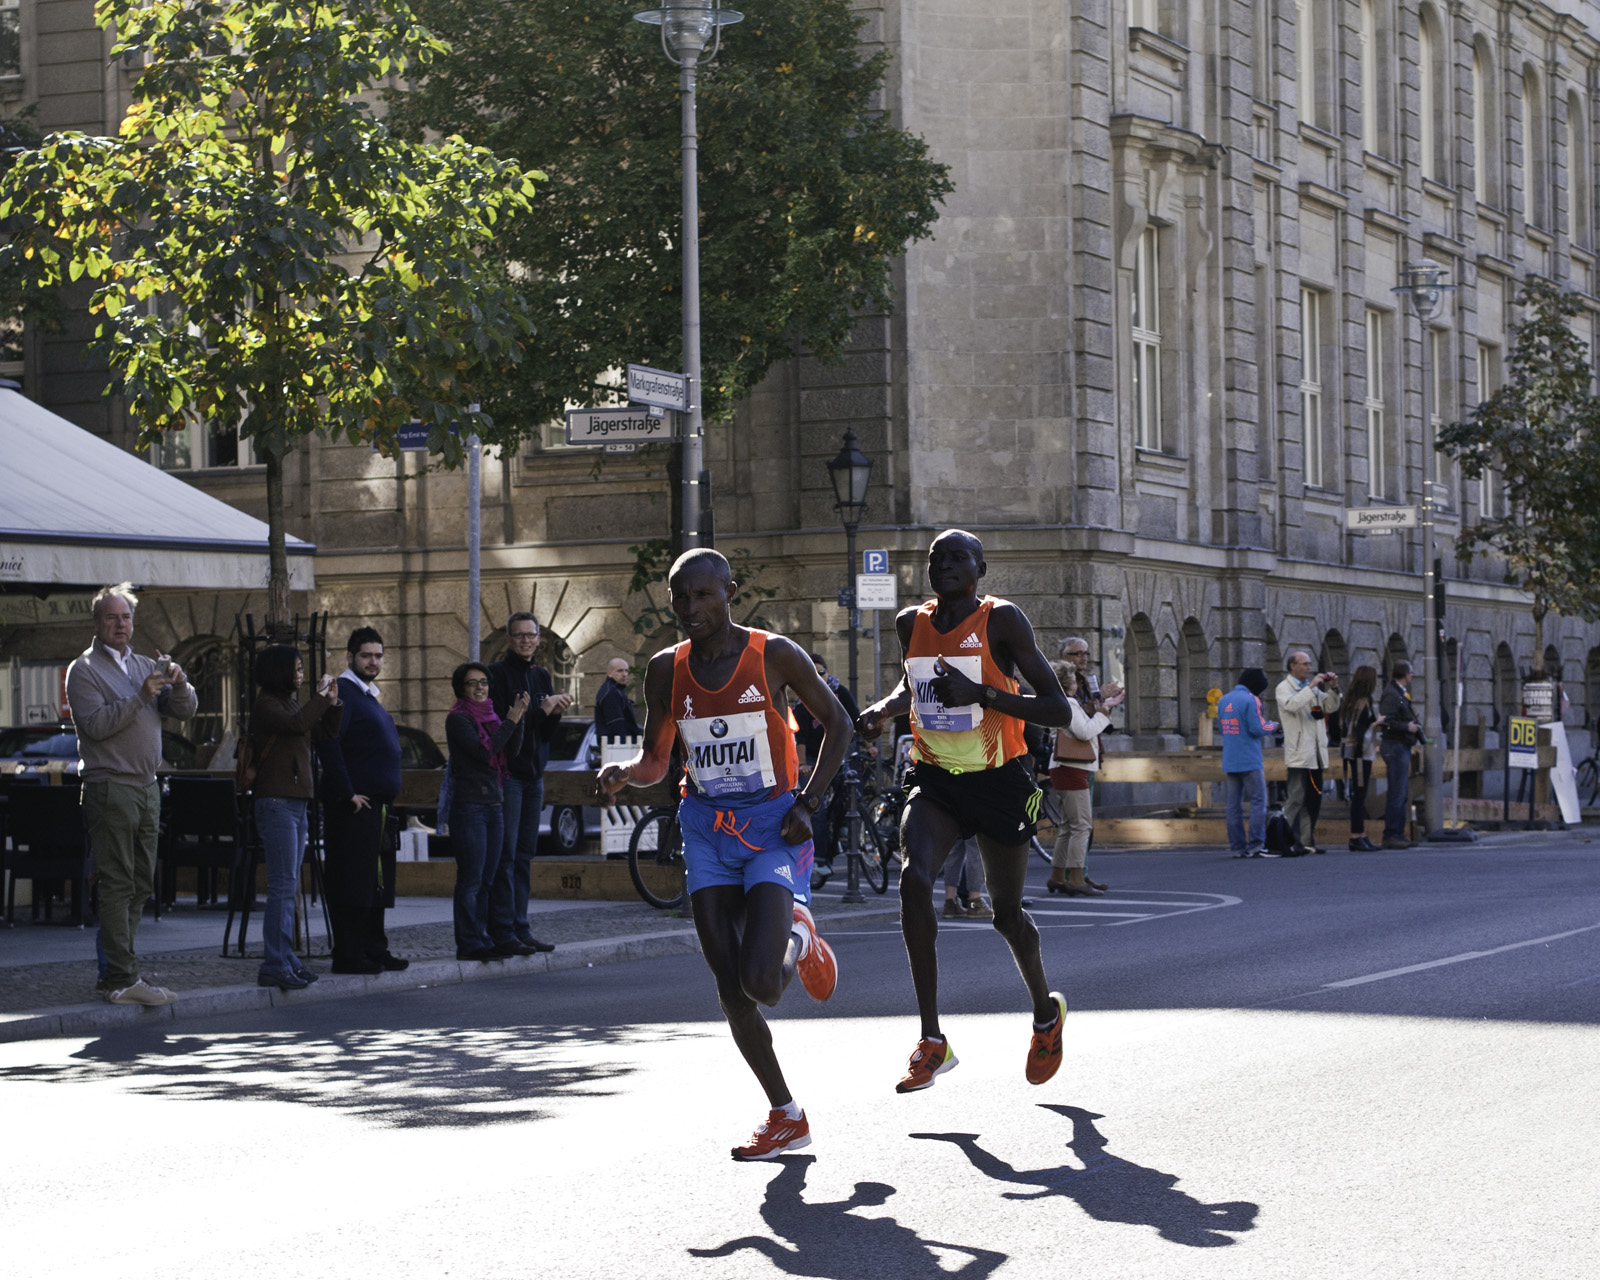 Mutai & Kimetto - Berlin Marathon - Gendarmenmarkt, zwischen 1:58 und 1:59